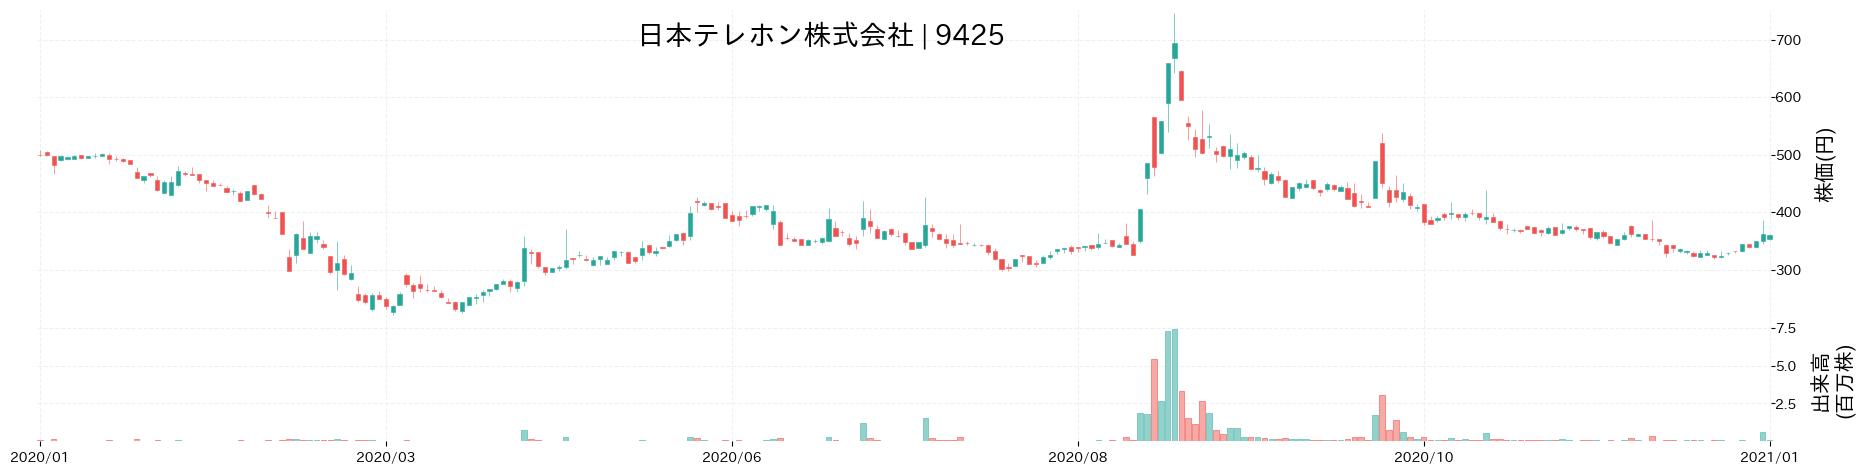 日本テレホン株式会社の株価推移(2020)